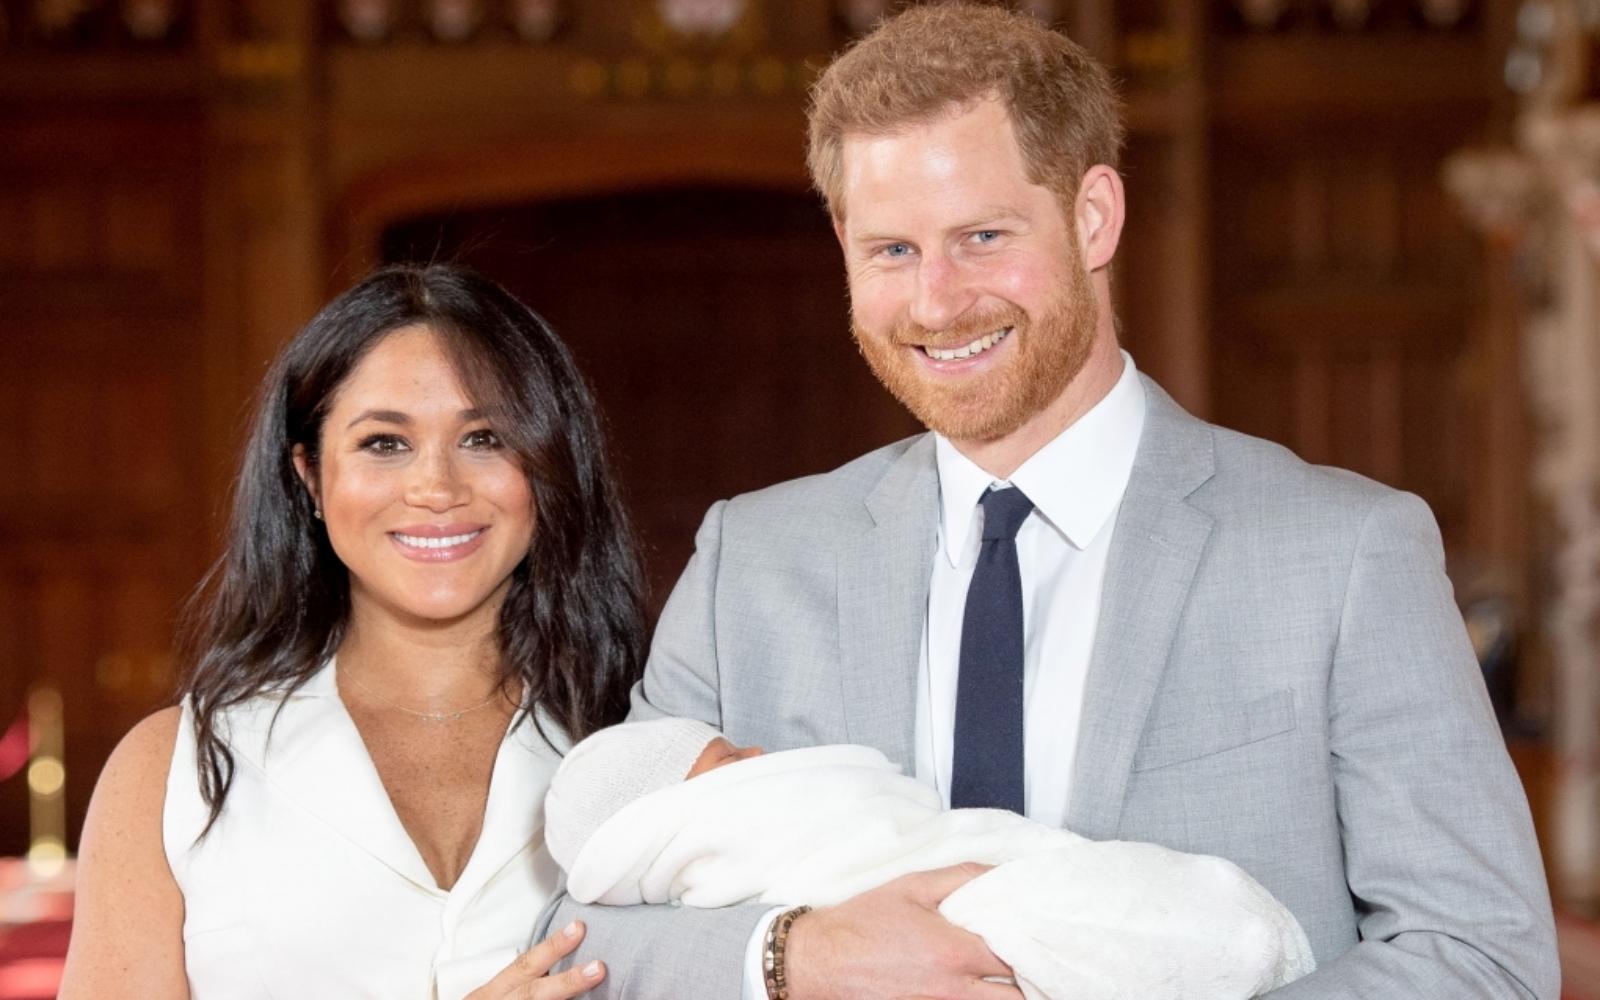 Micuțul Archie a împlinit 2 ani. Ce fotografie au publicat Prințul Harry și Meghan Markle